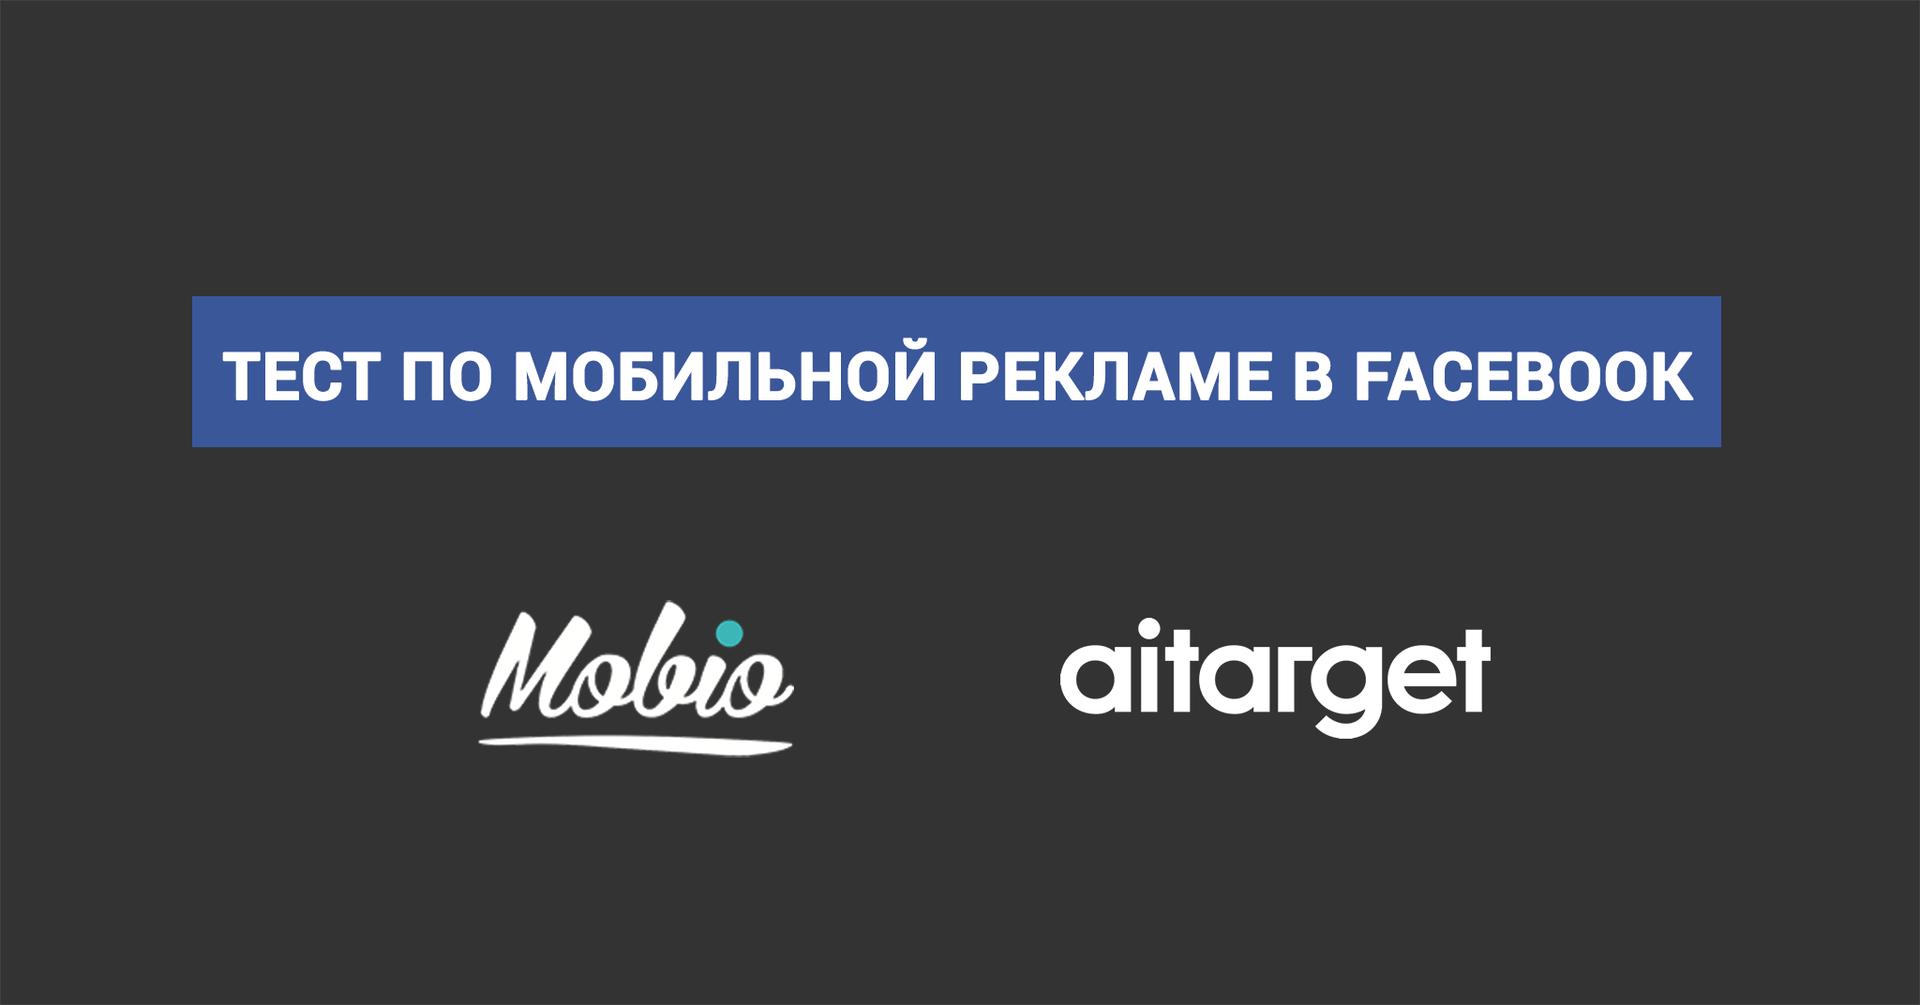 Тест на знание мобильной рекламы в Facebook - 1